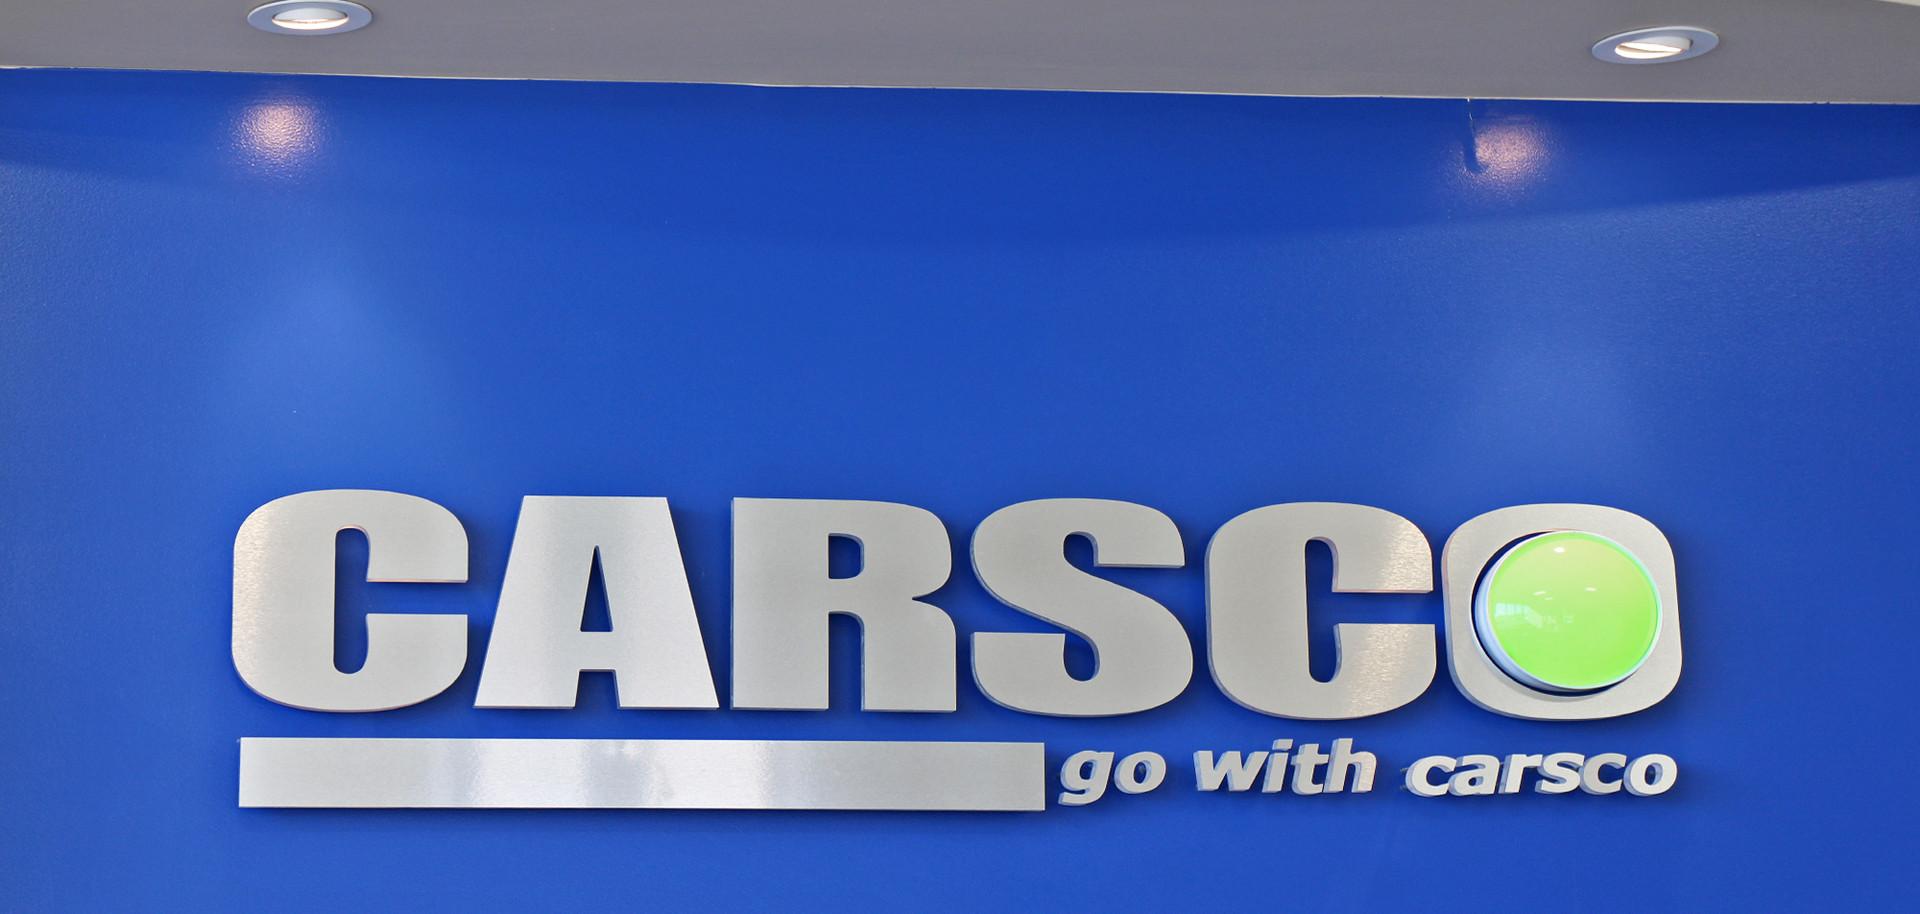 carsco5-2000x1000.jpg